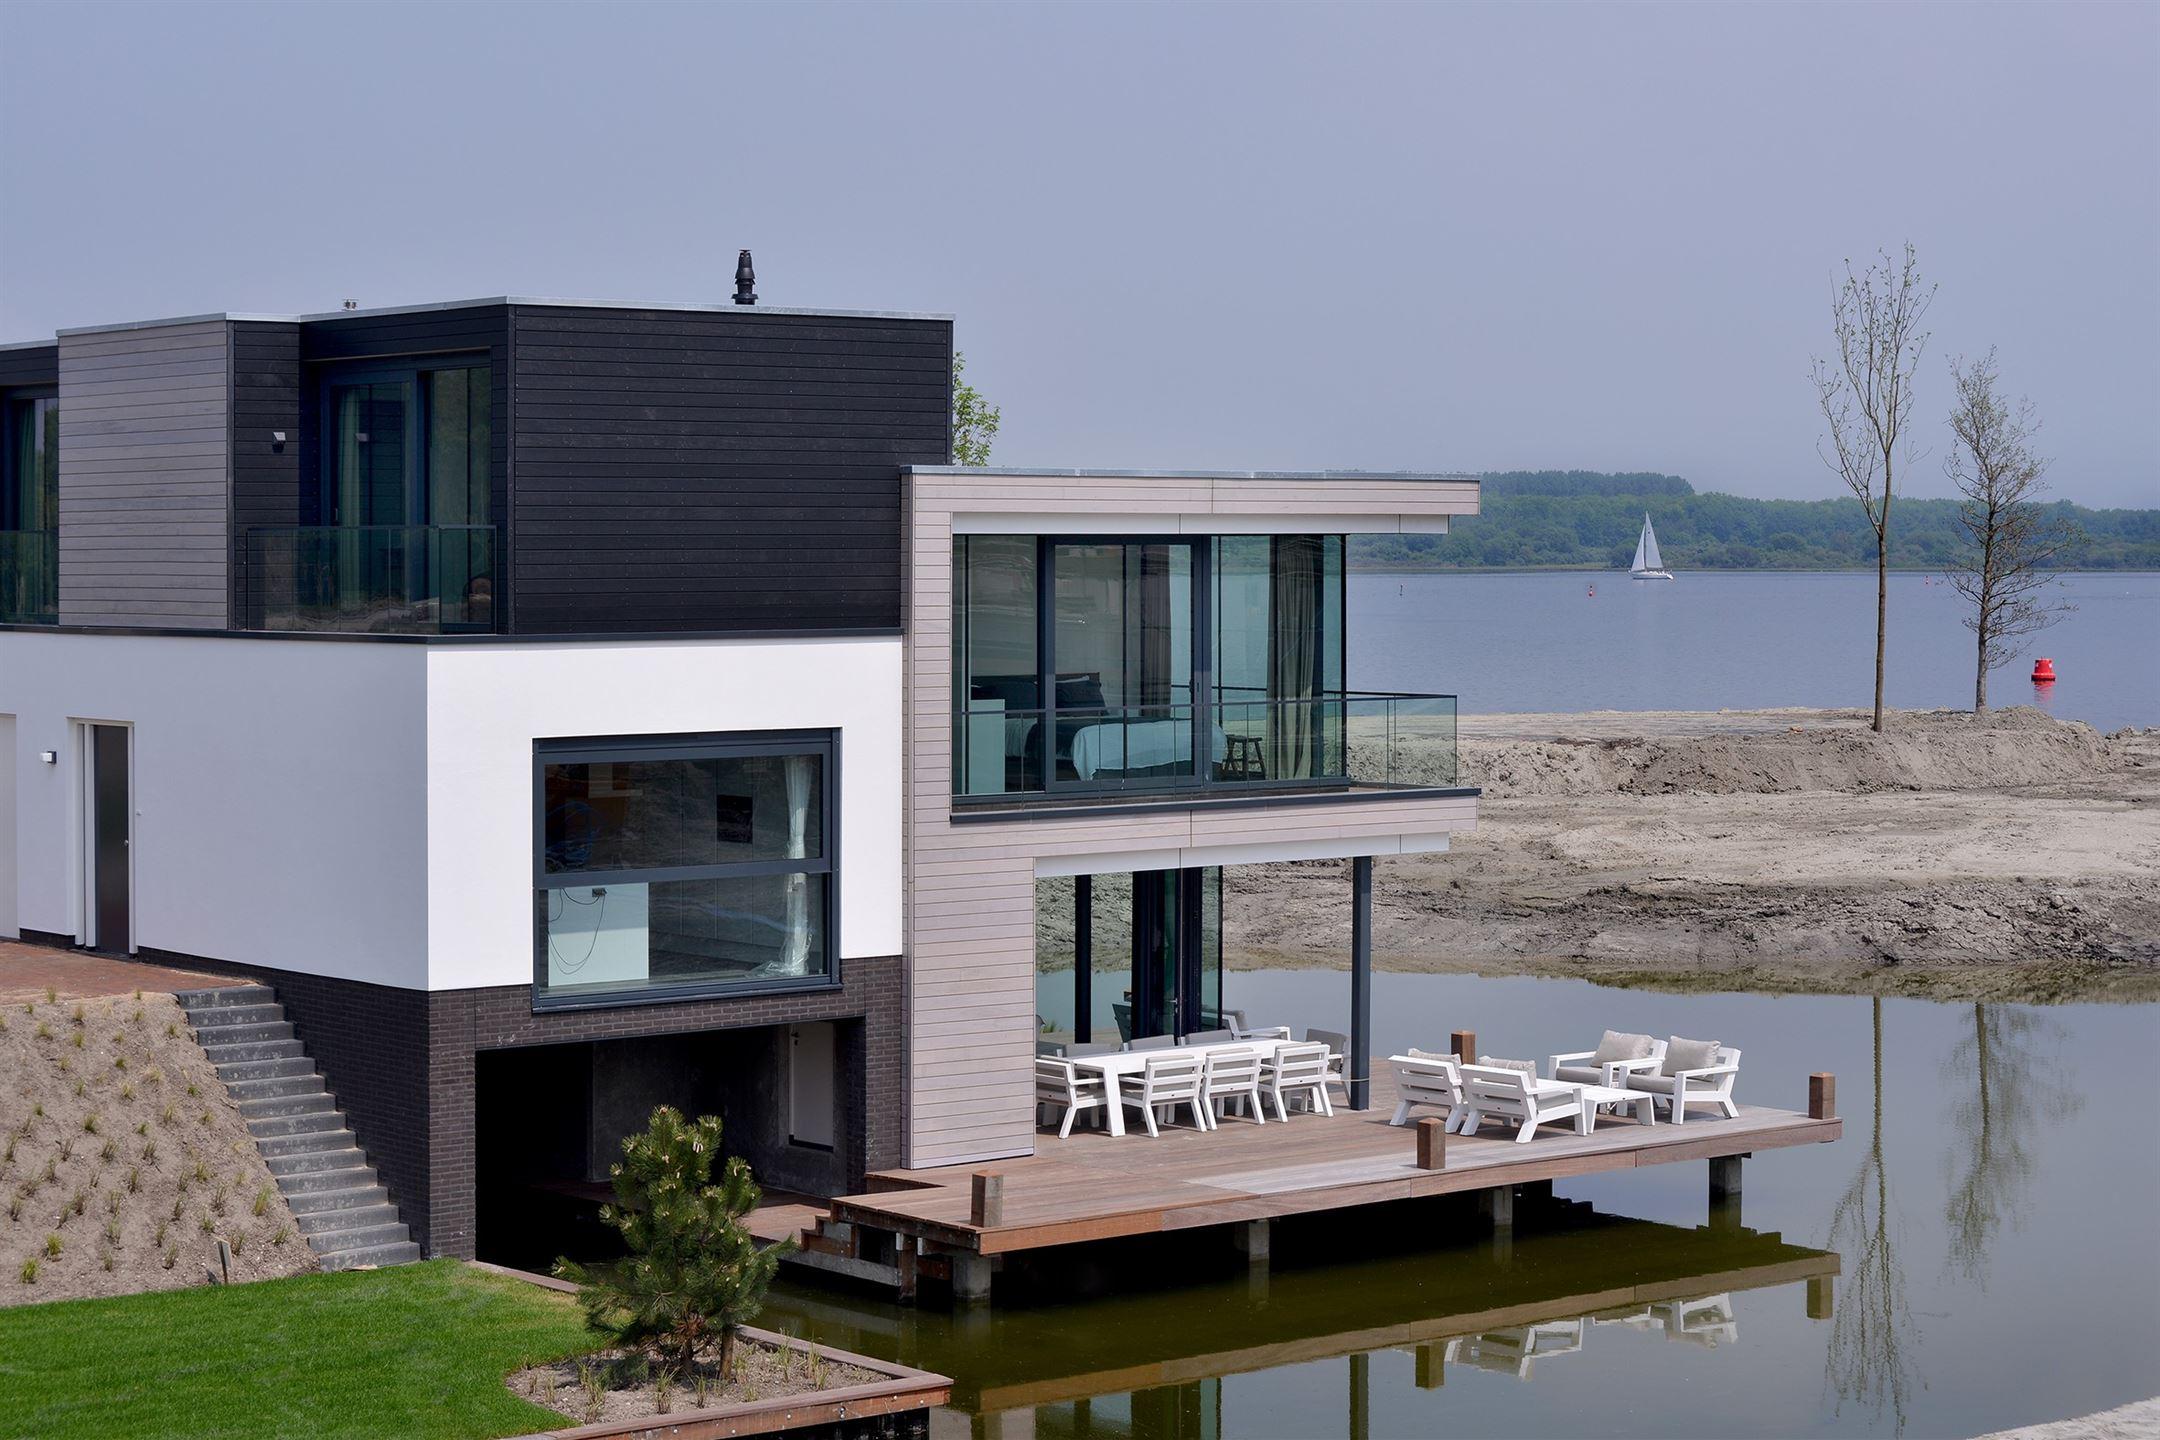 Huis te koop christiaanpolderweg 5 4341 tc arnemuiden funda for Huizen te koop zeeland